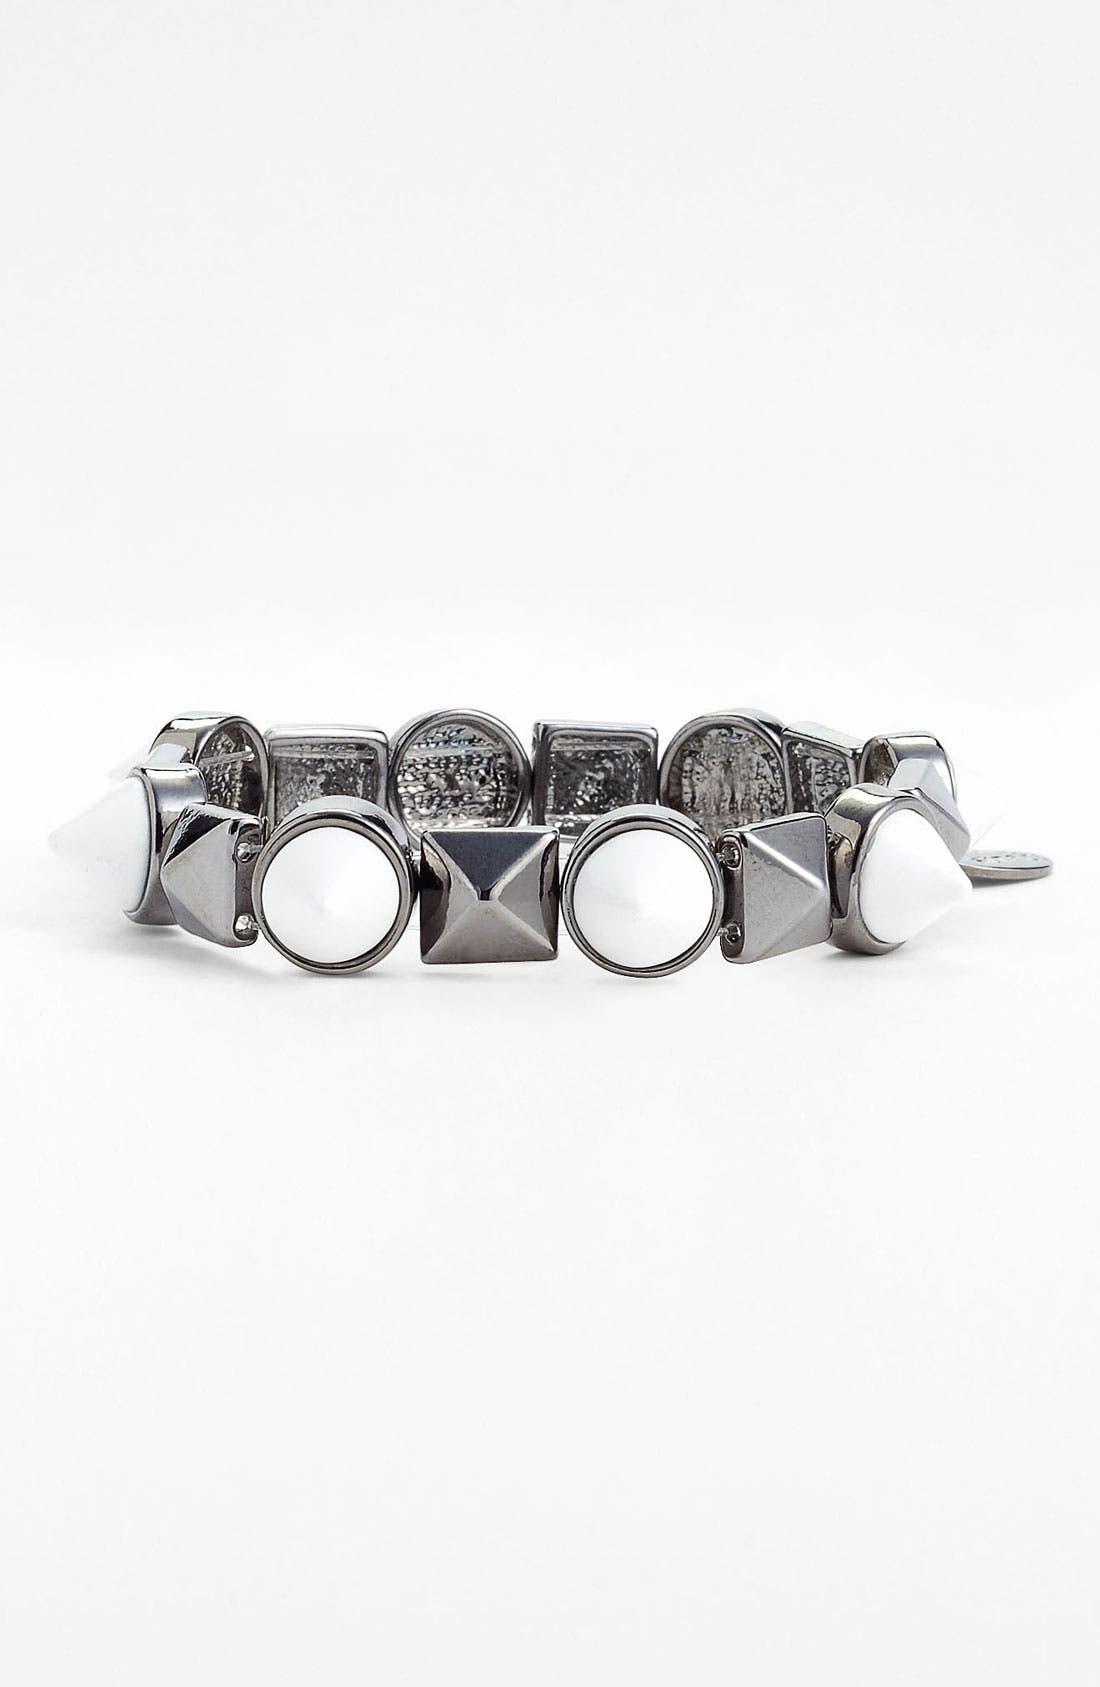 Alternate Image 1 Selected - Spring Street Studded Stretch Bracelet (Nordstrom Exclusive)